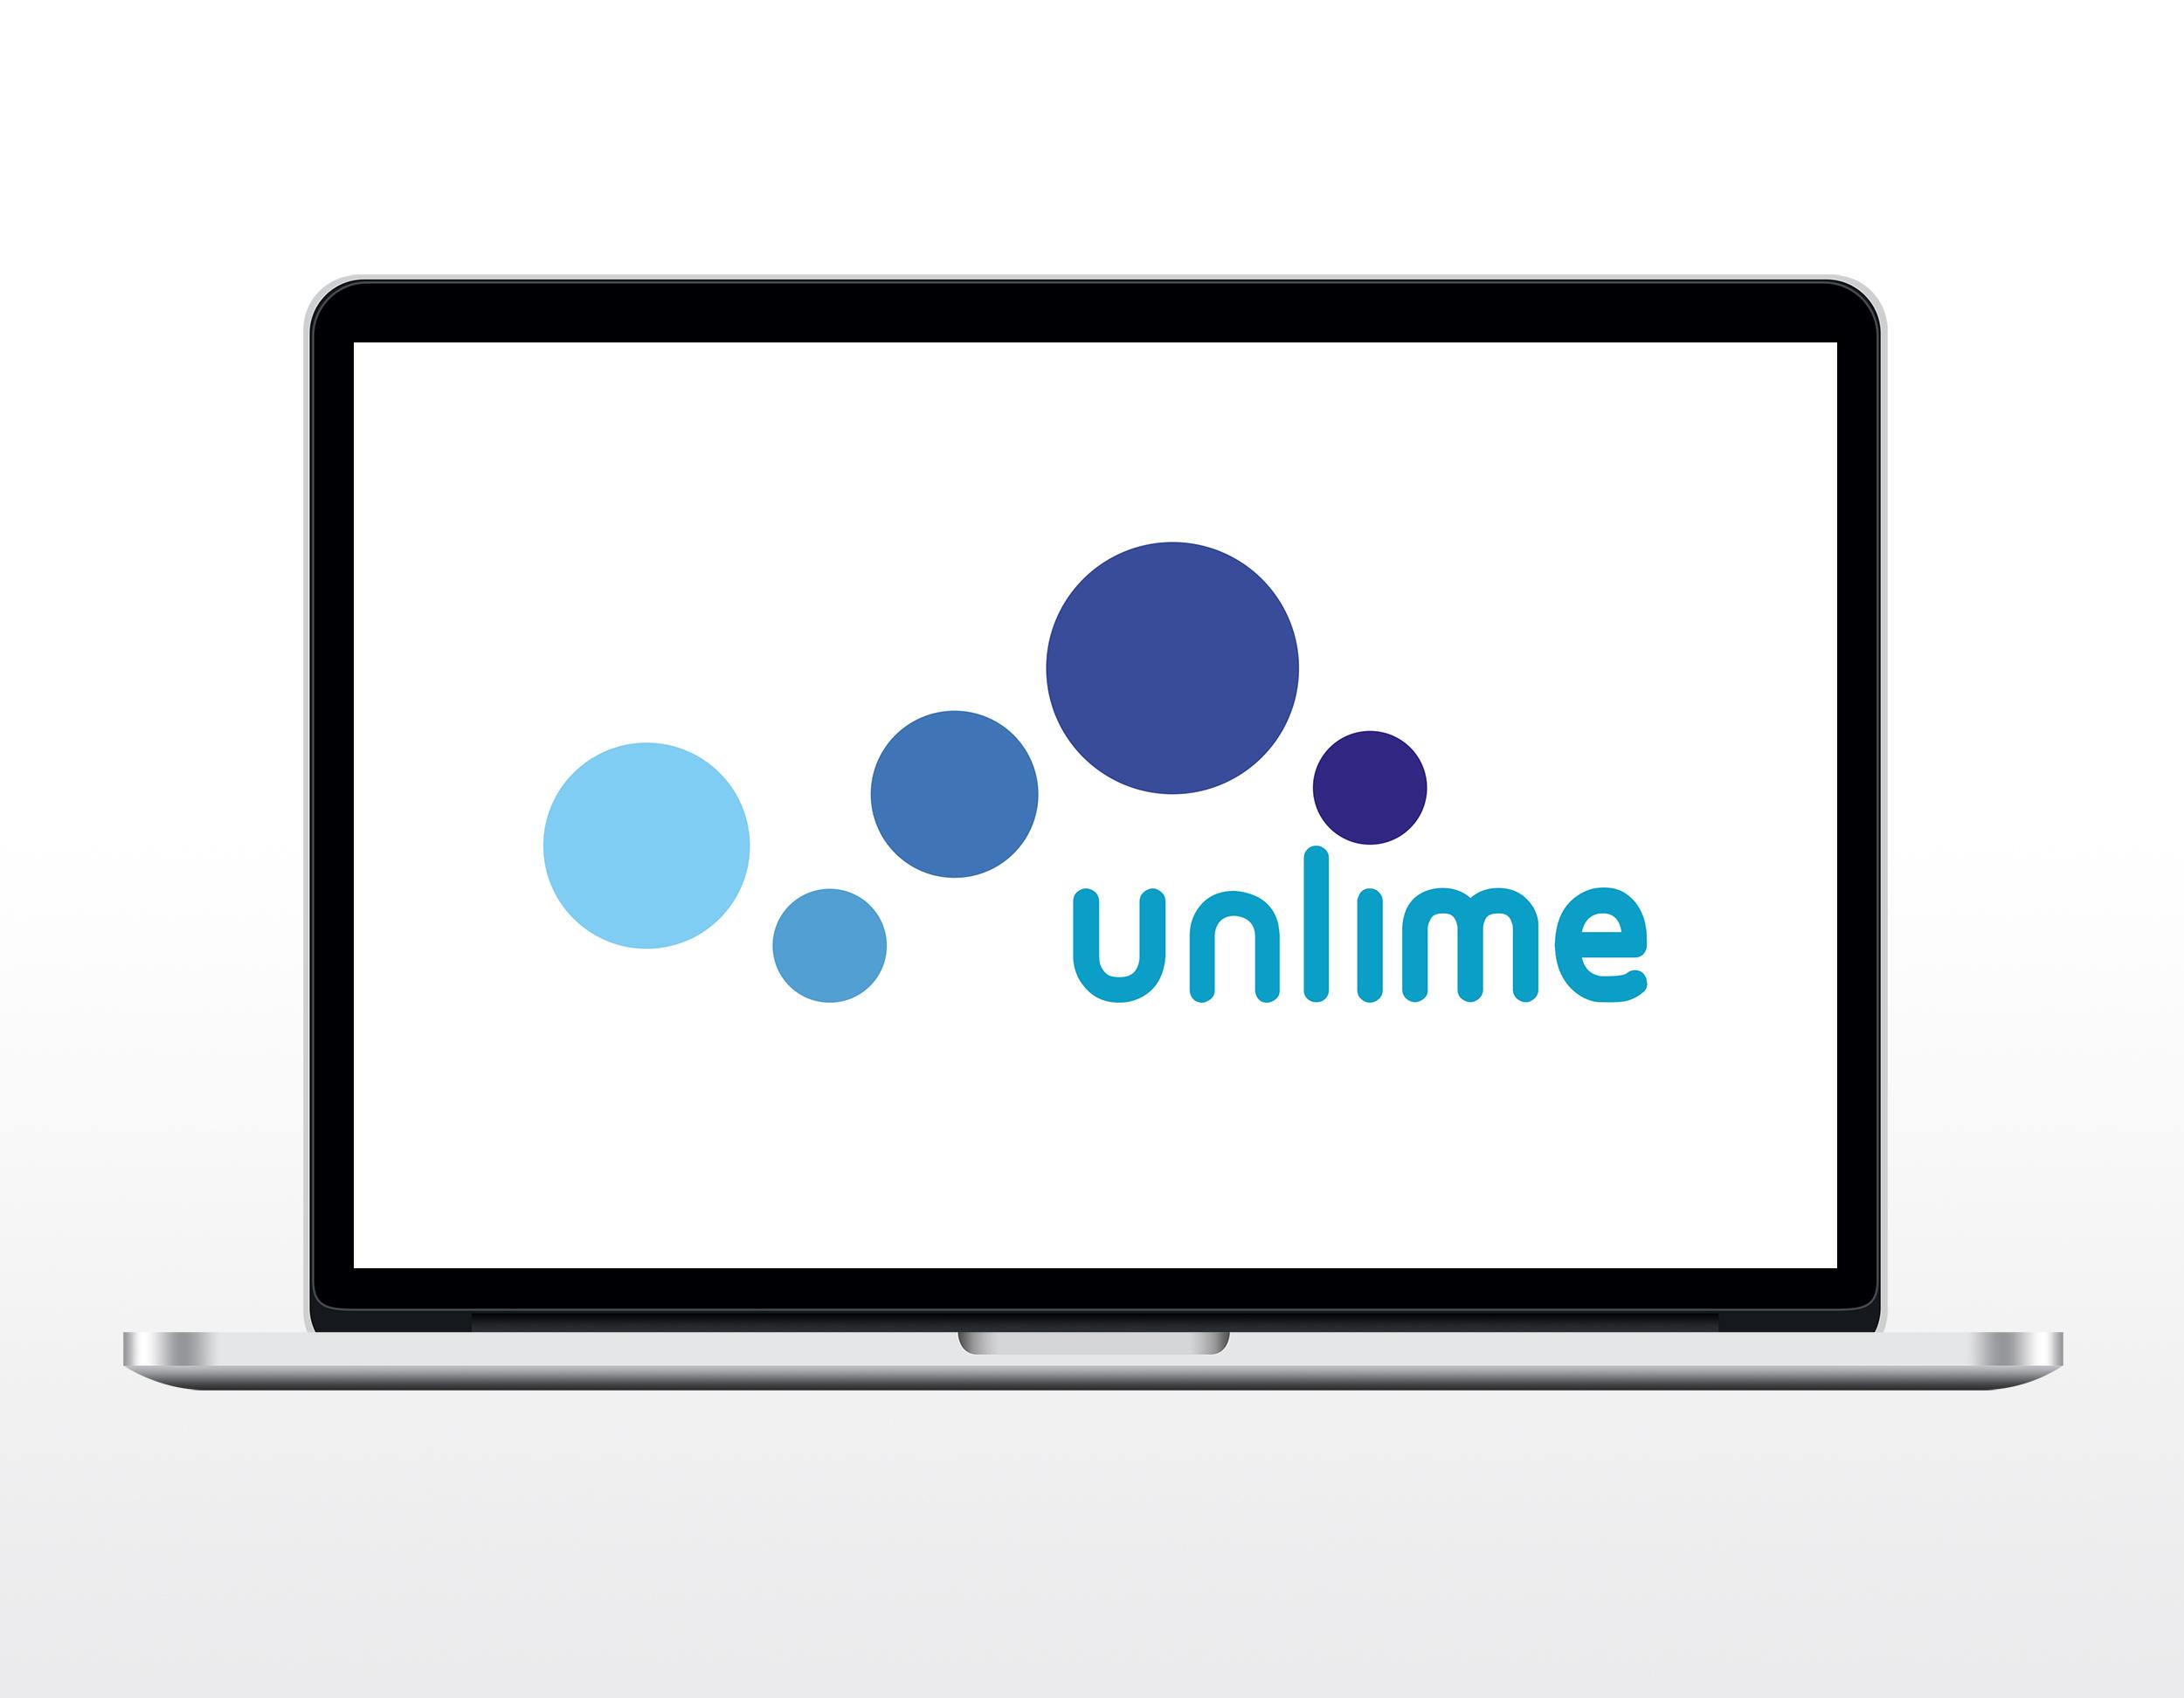 Разработка логотипа и фирменного стиля фото f_9985951d505da913.jpg